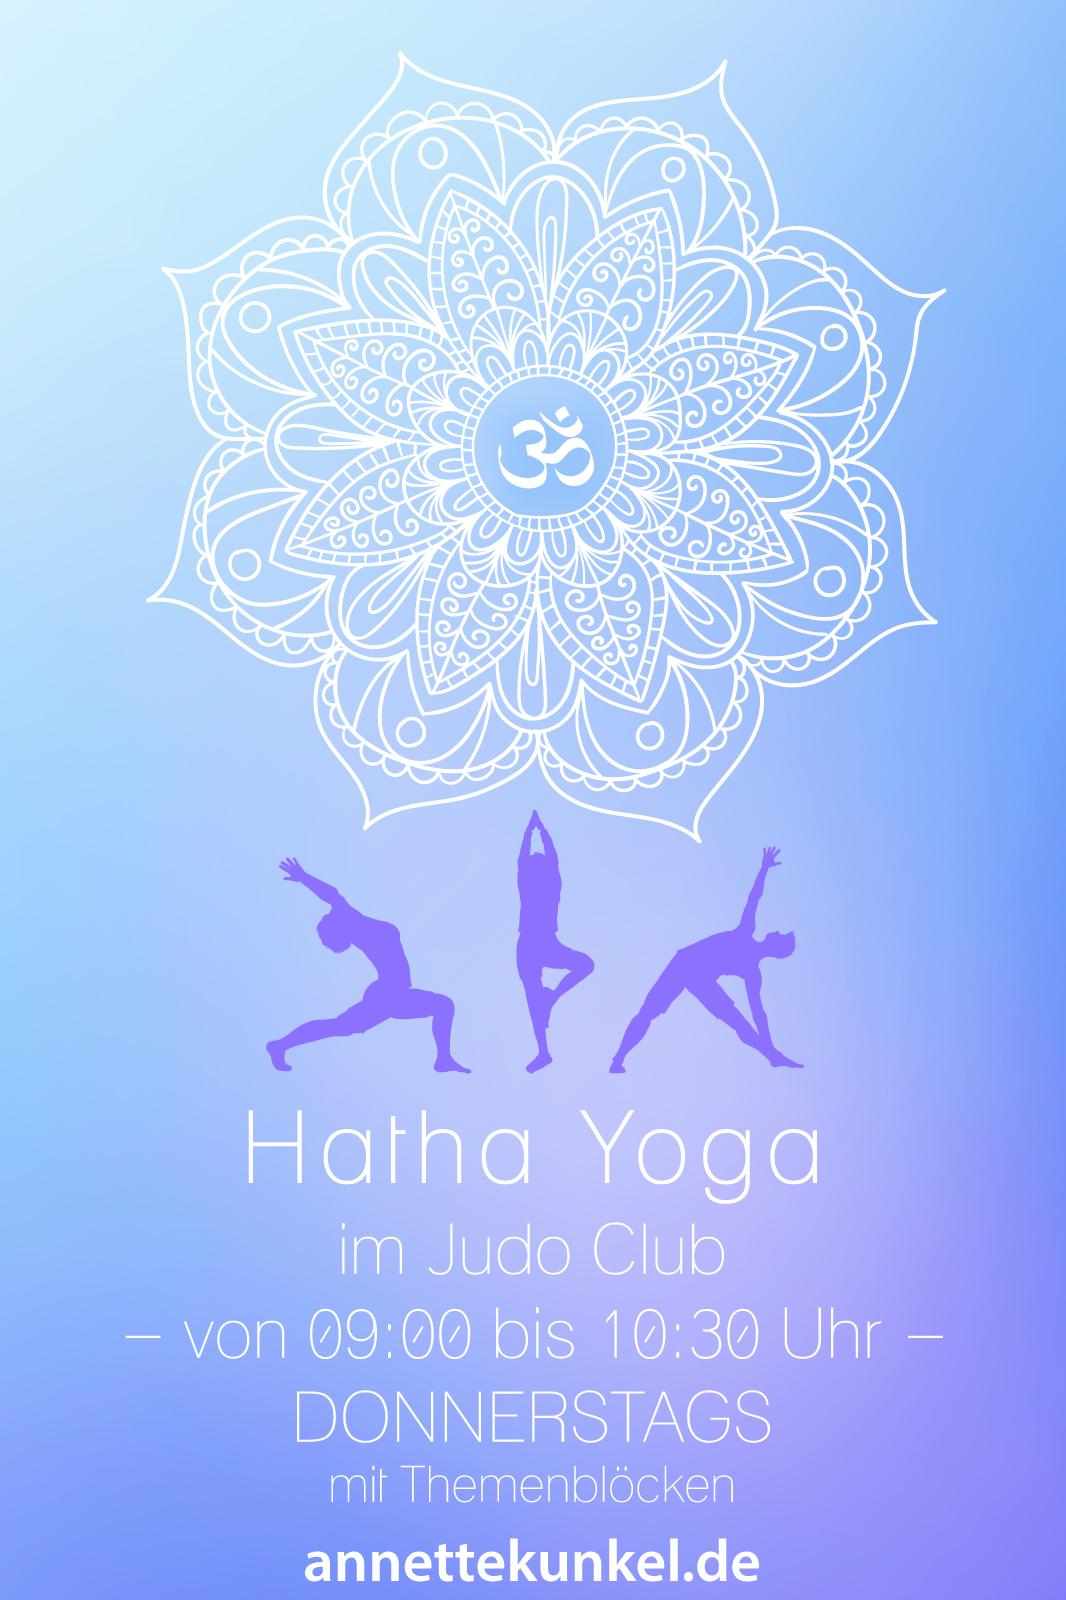 Hatha Yoga in Bad Säckingen ab 10 Euro - direkt am Rhein - angenehme Hatha Yoga Stunde.